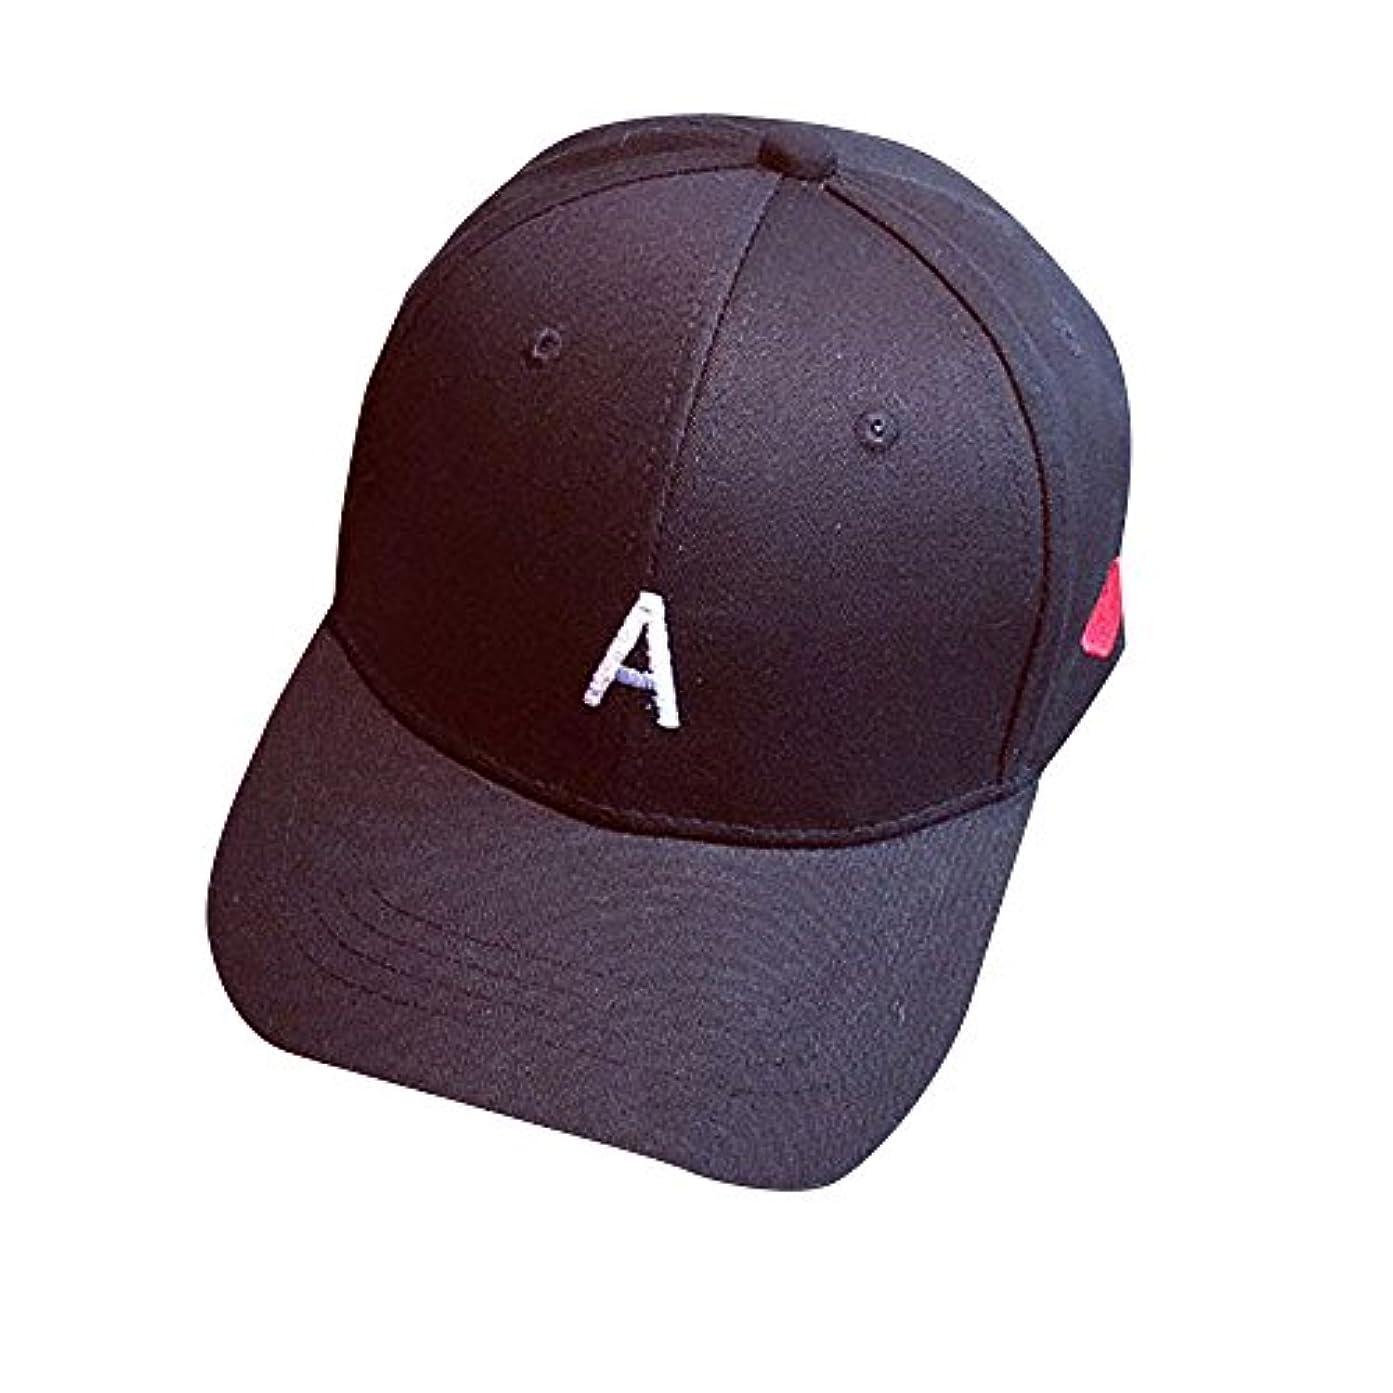 島報復うめき声Racazing Cap 文字刺繍 野球帽 無地 キャップ 夏 登山 通気性のある 帽子 ベルクロ 可調整可能 ヒップホップ 棒球帽 UV 帽子 軽量 屋外 Unisex Hat (黒)